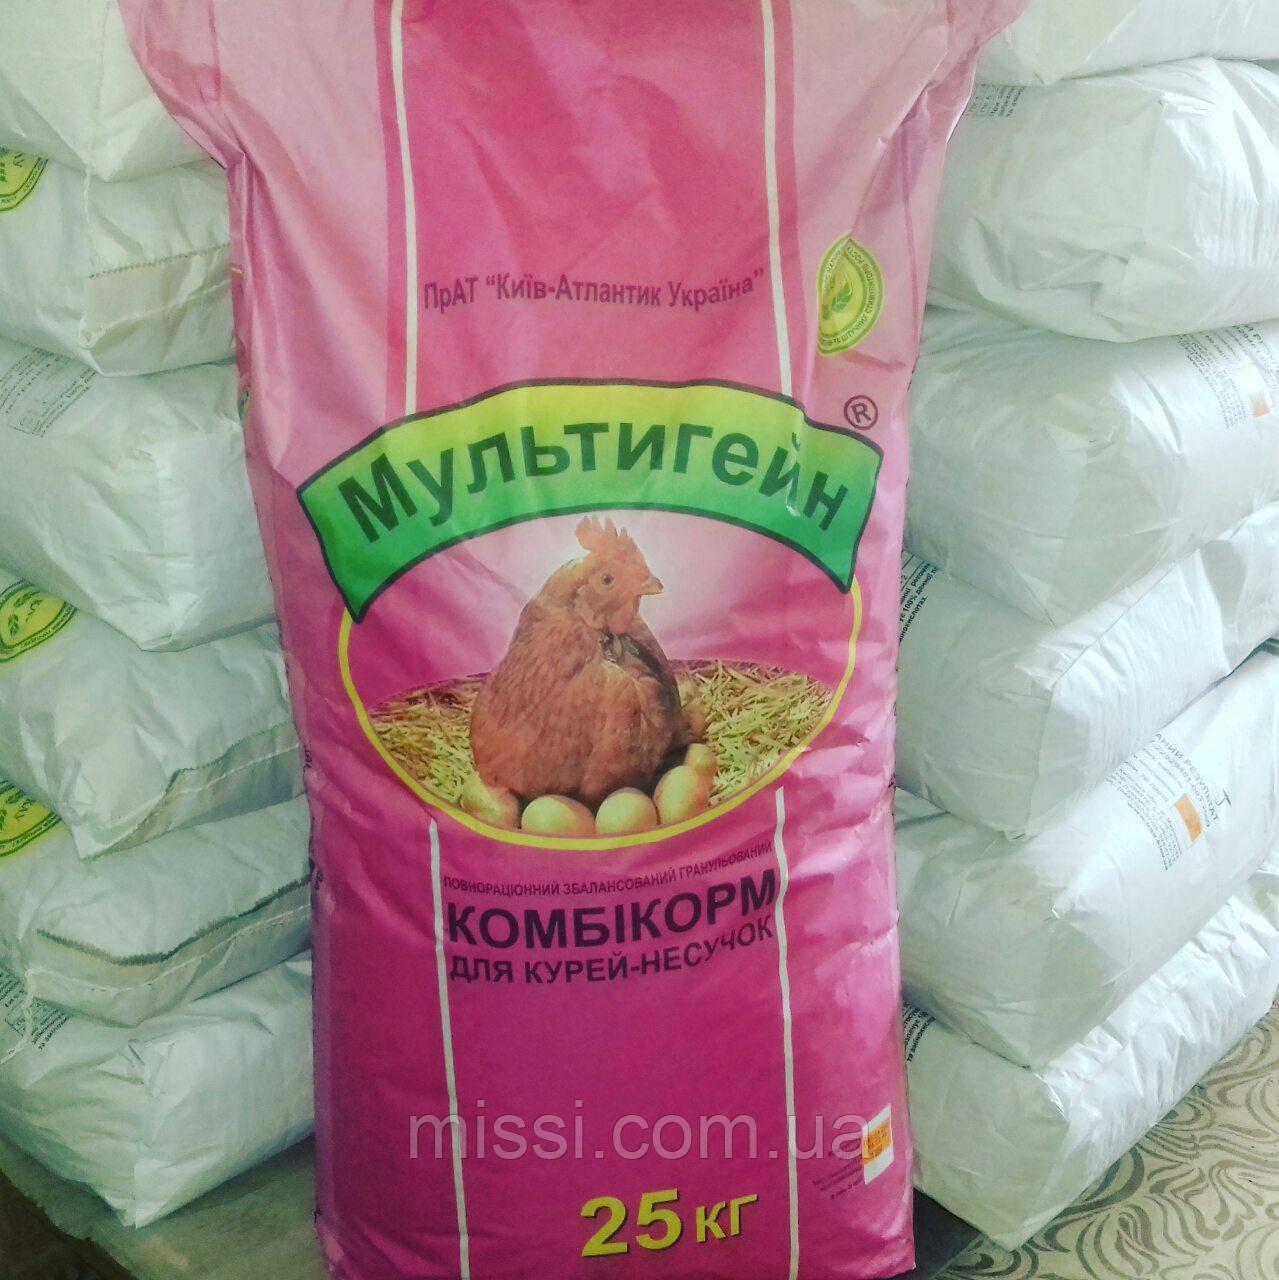 Мультигейн Комбікорм для курки несучки (25 кг)